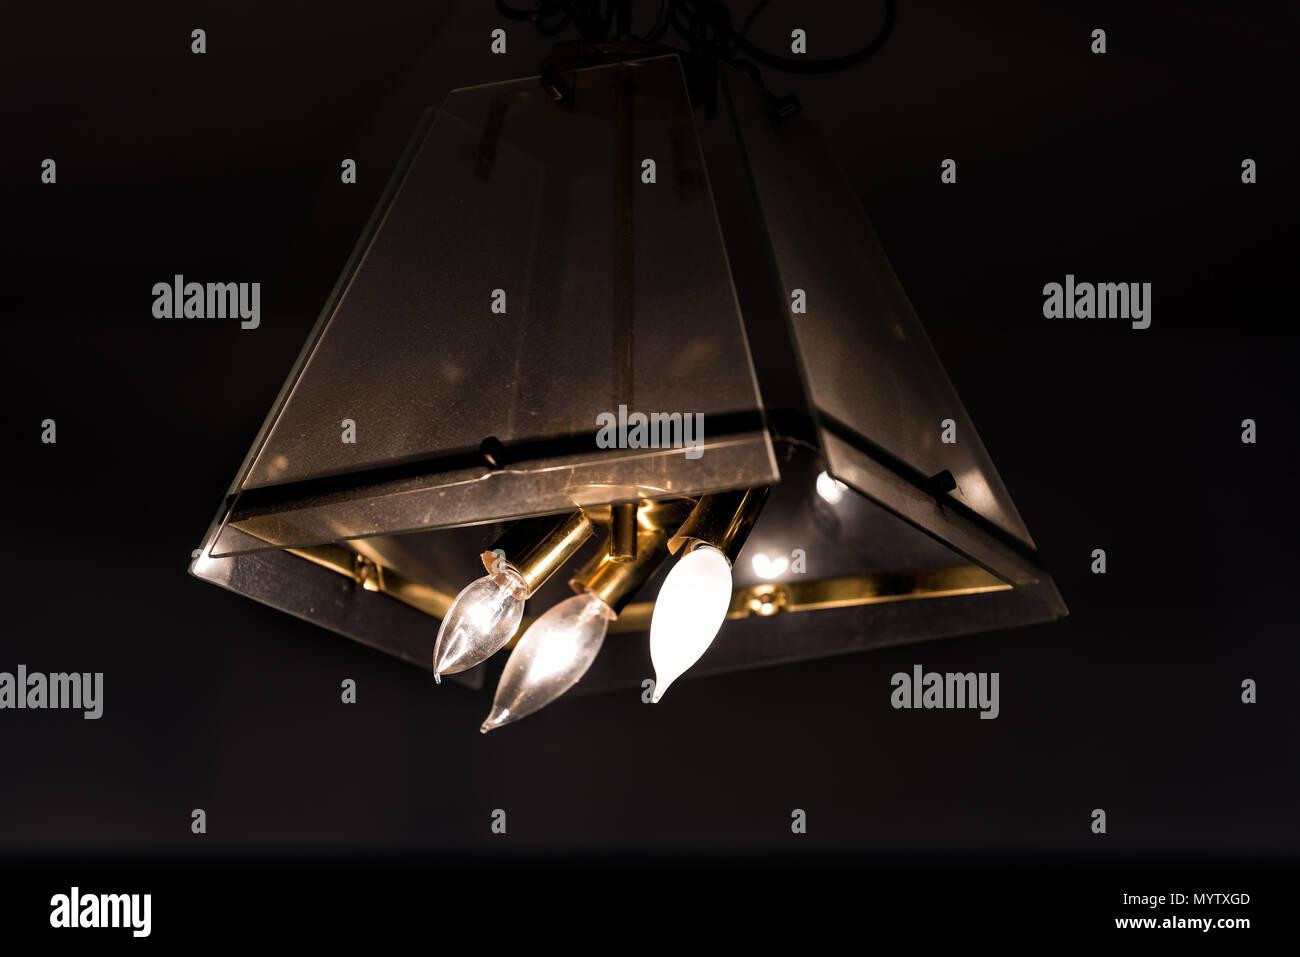 Nahaufnahme Der Altmodischen Leuchtet Moderne Lampe Lampe Hangen Von